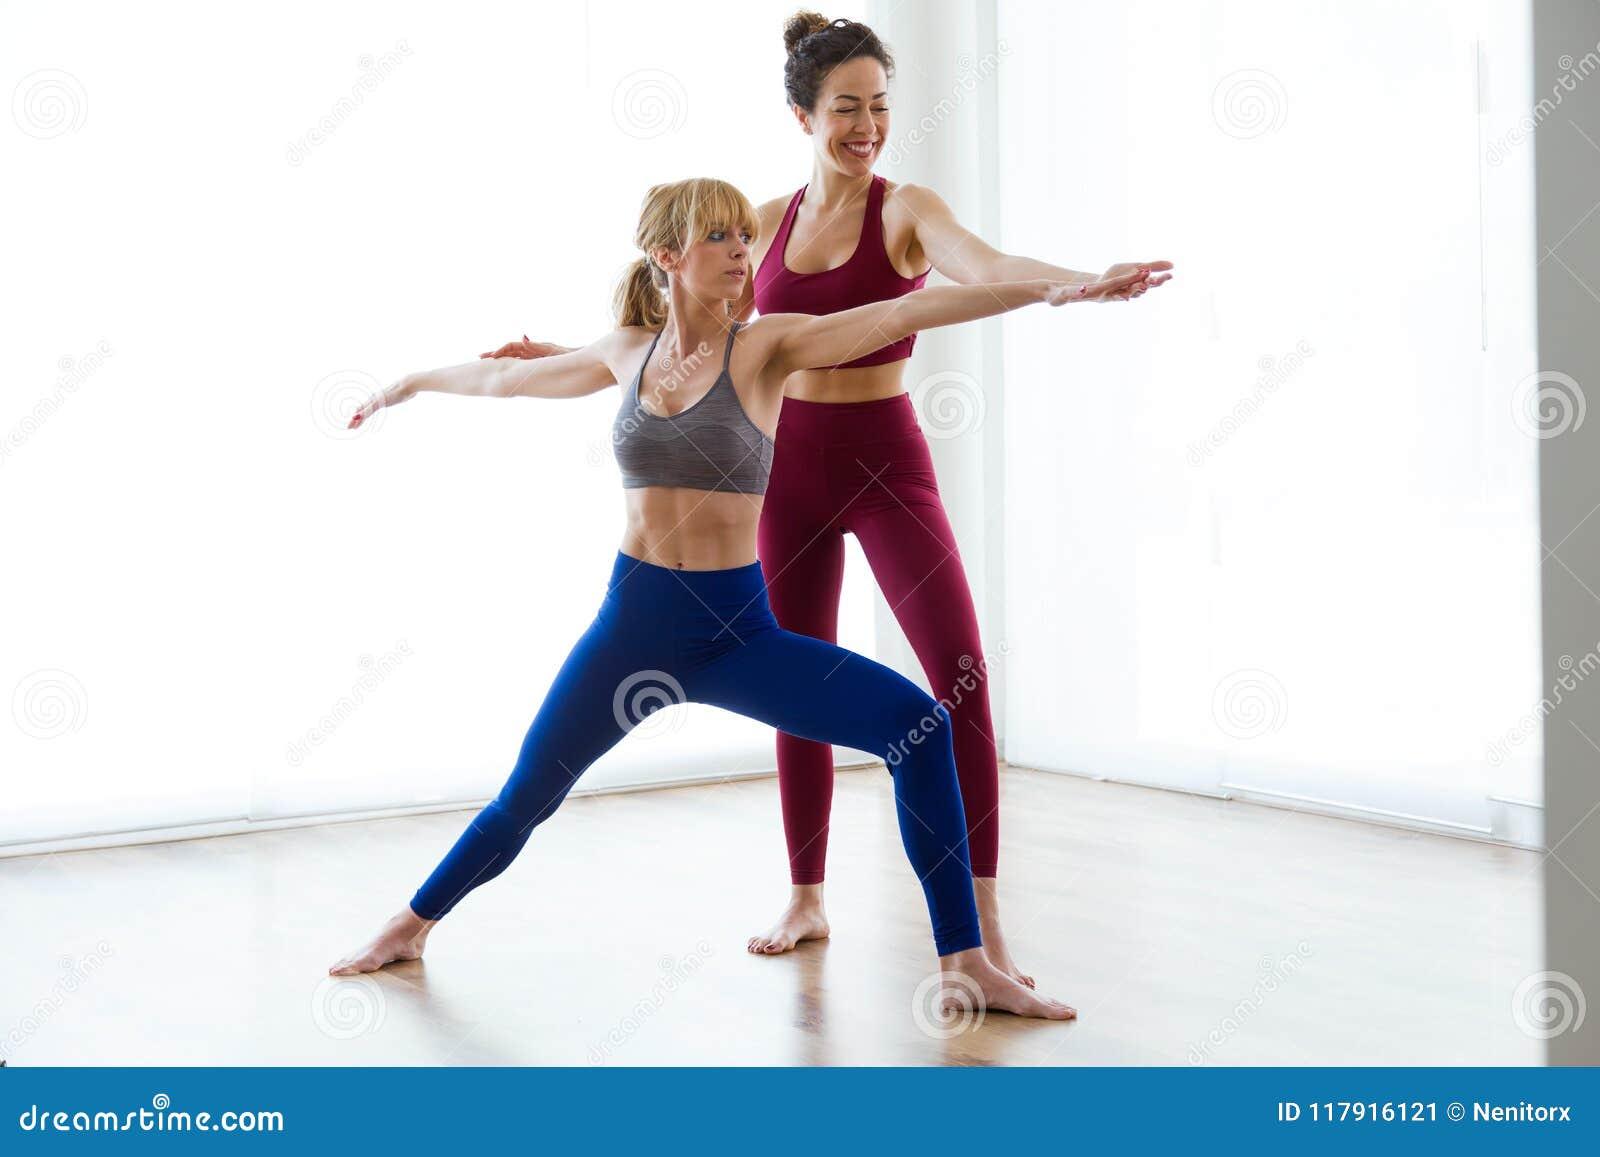 Instructeur assez jeune de yoga aidant son étudiant en session de yoga à la maison Pose de Virabhadrasana II